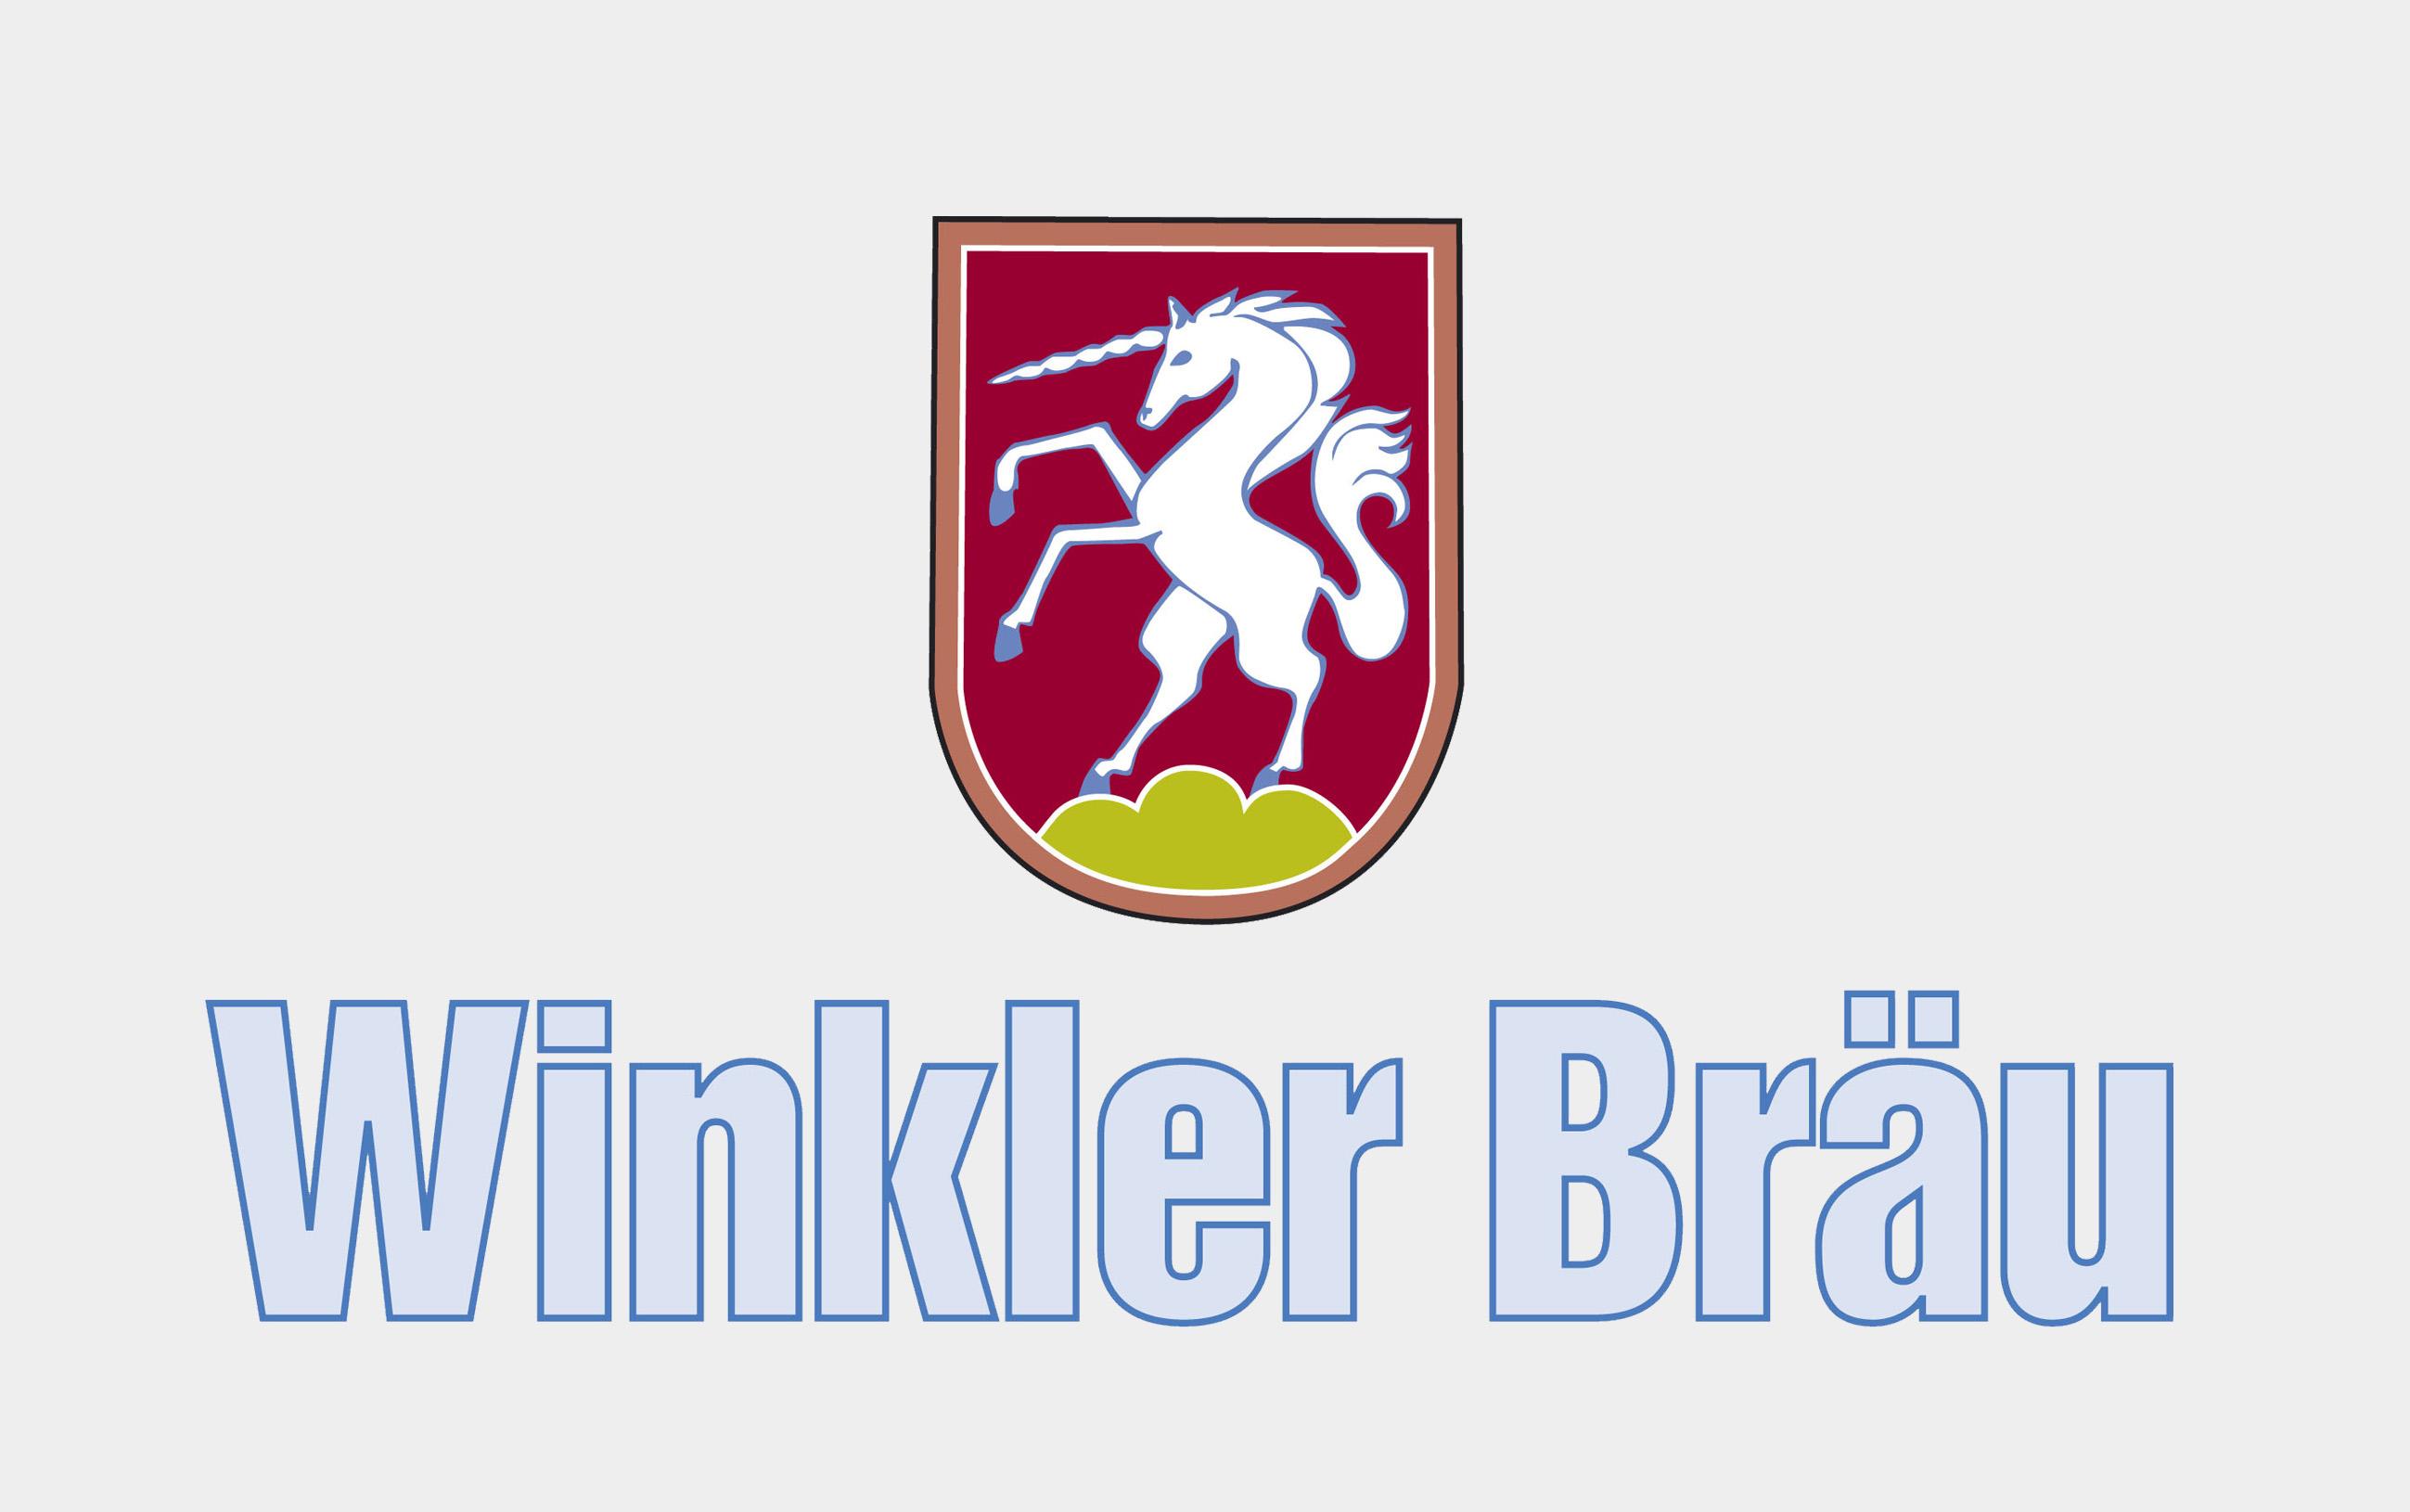 Winklerbräu